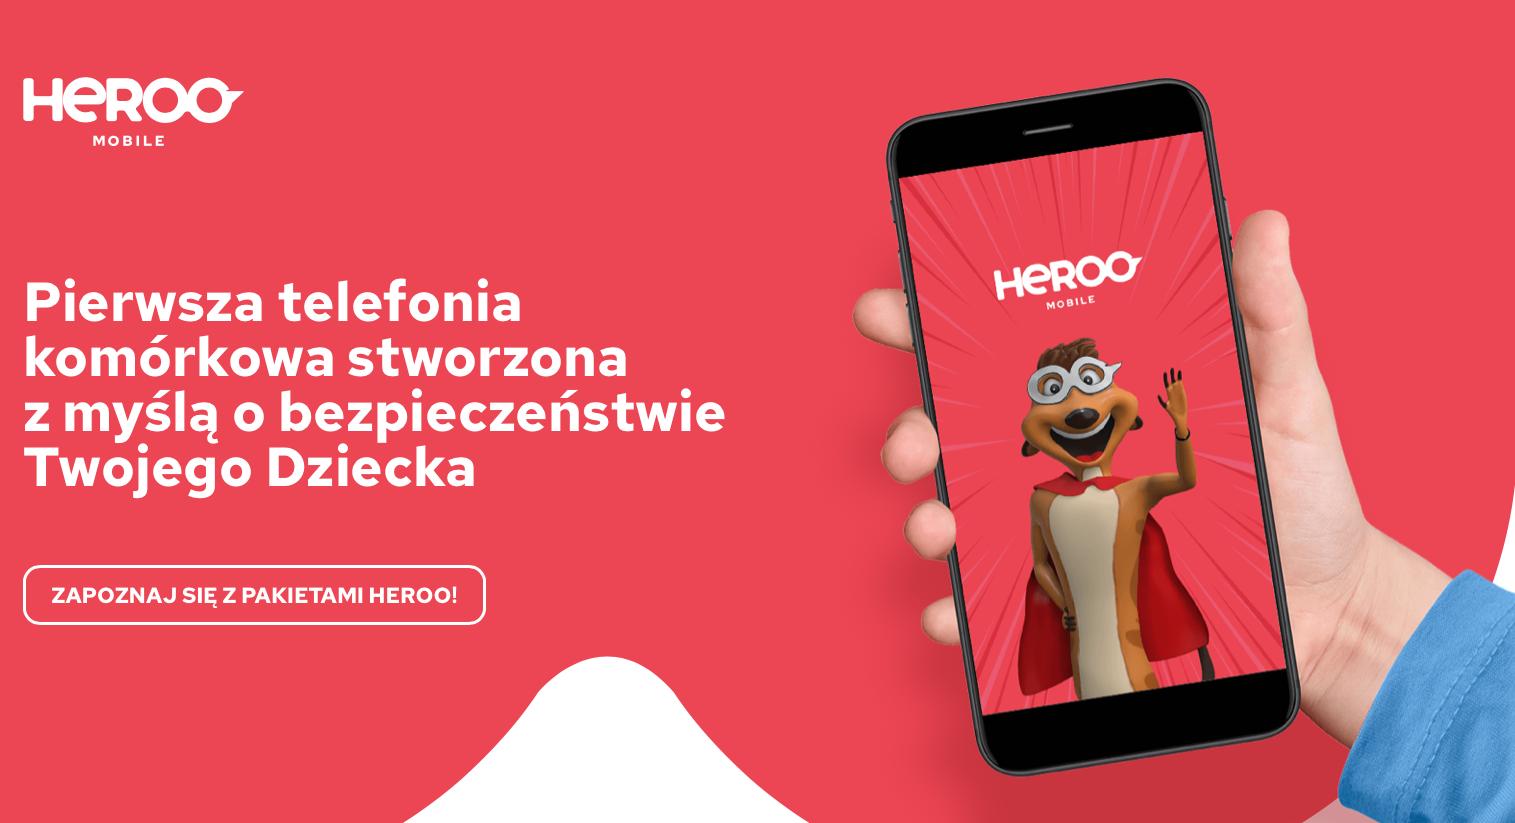 Poznaj Heroo Mobile - pierwszą, bezpieczną telefonię dla dzieci w Polsce